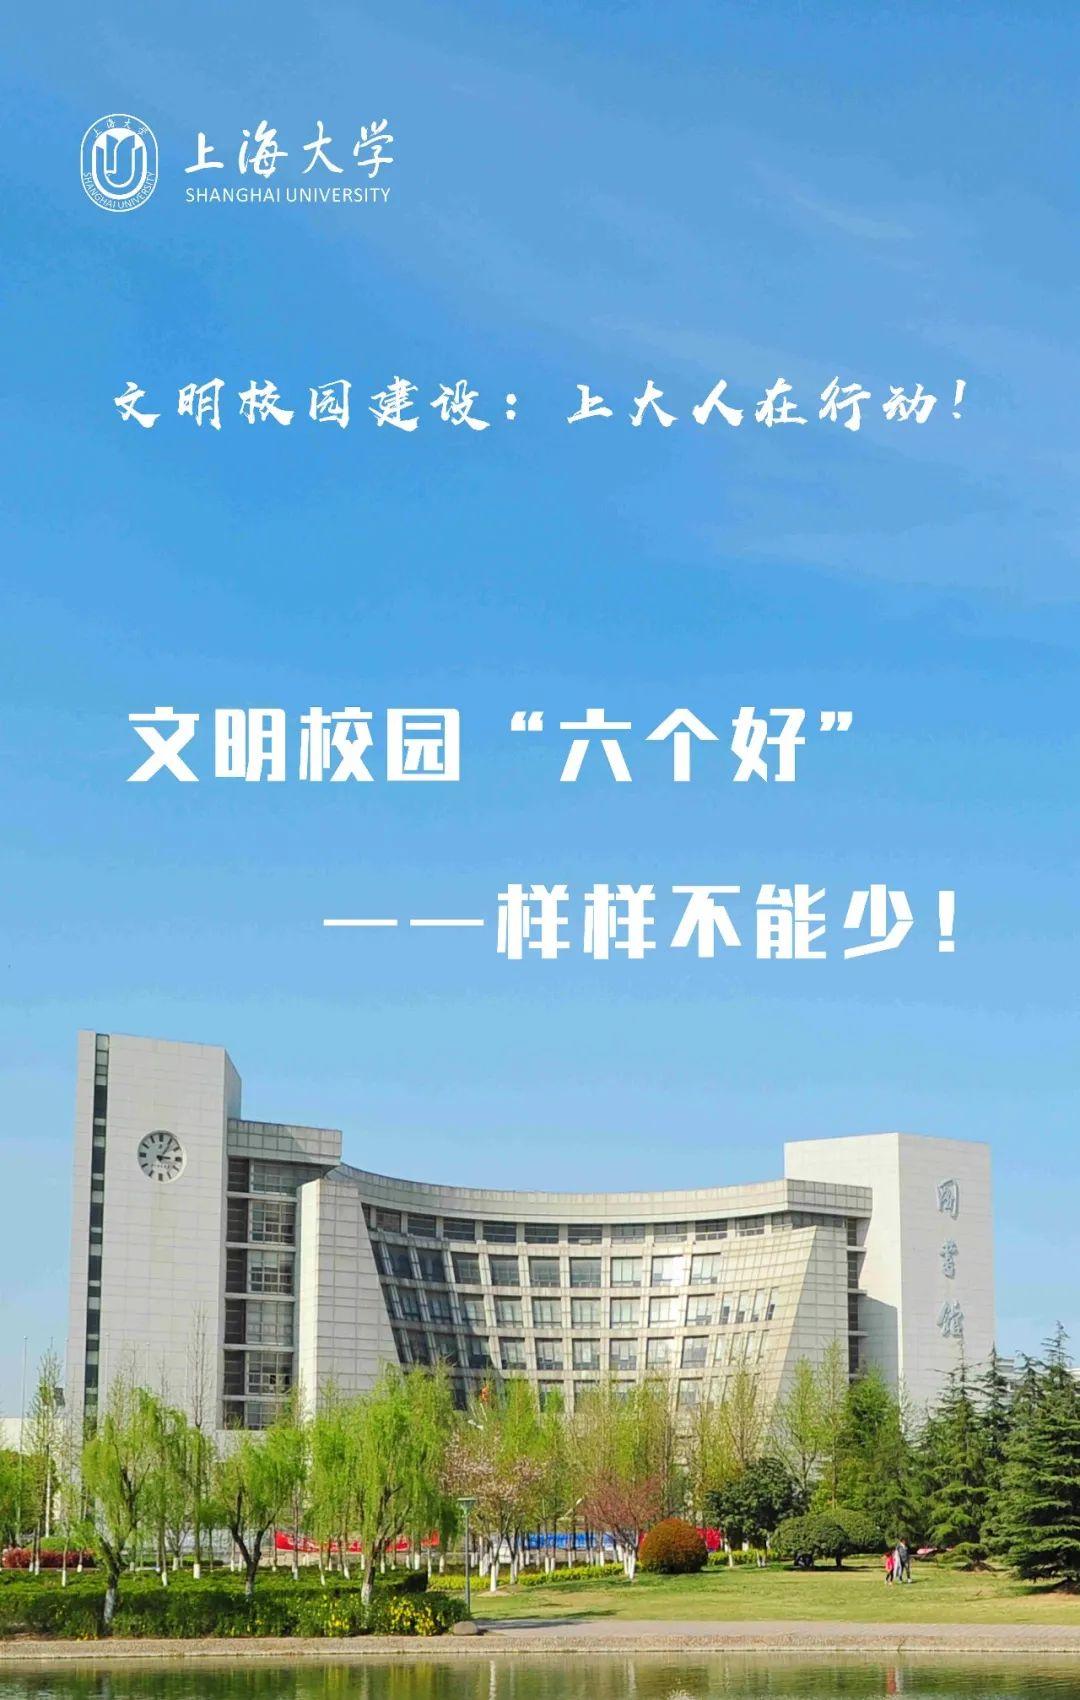 文明校园建设:上大人在行动!图片